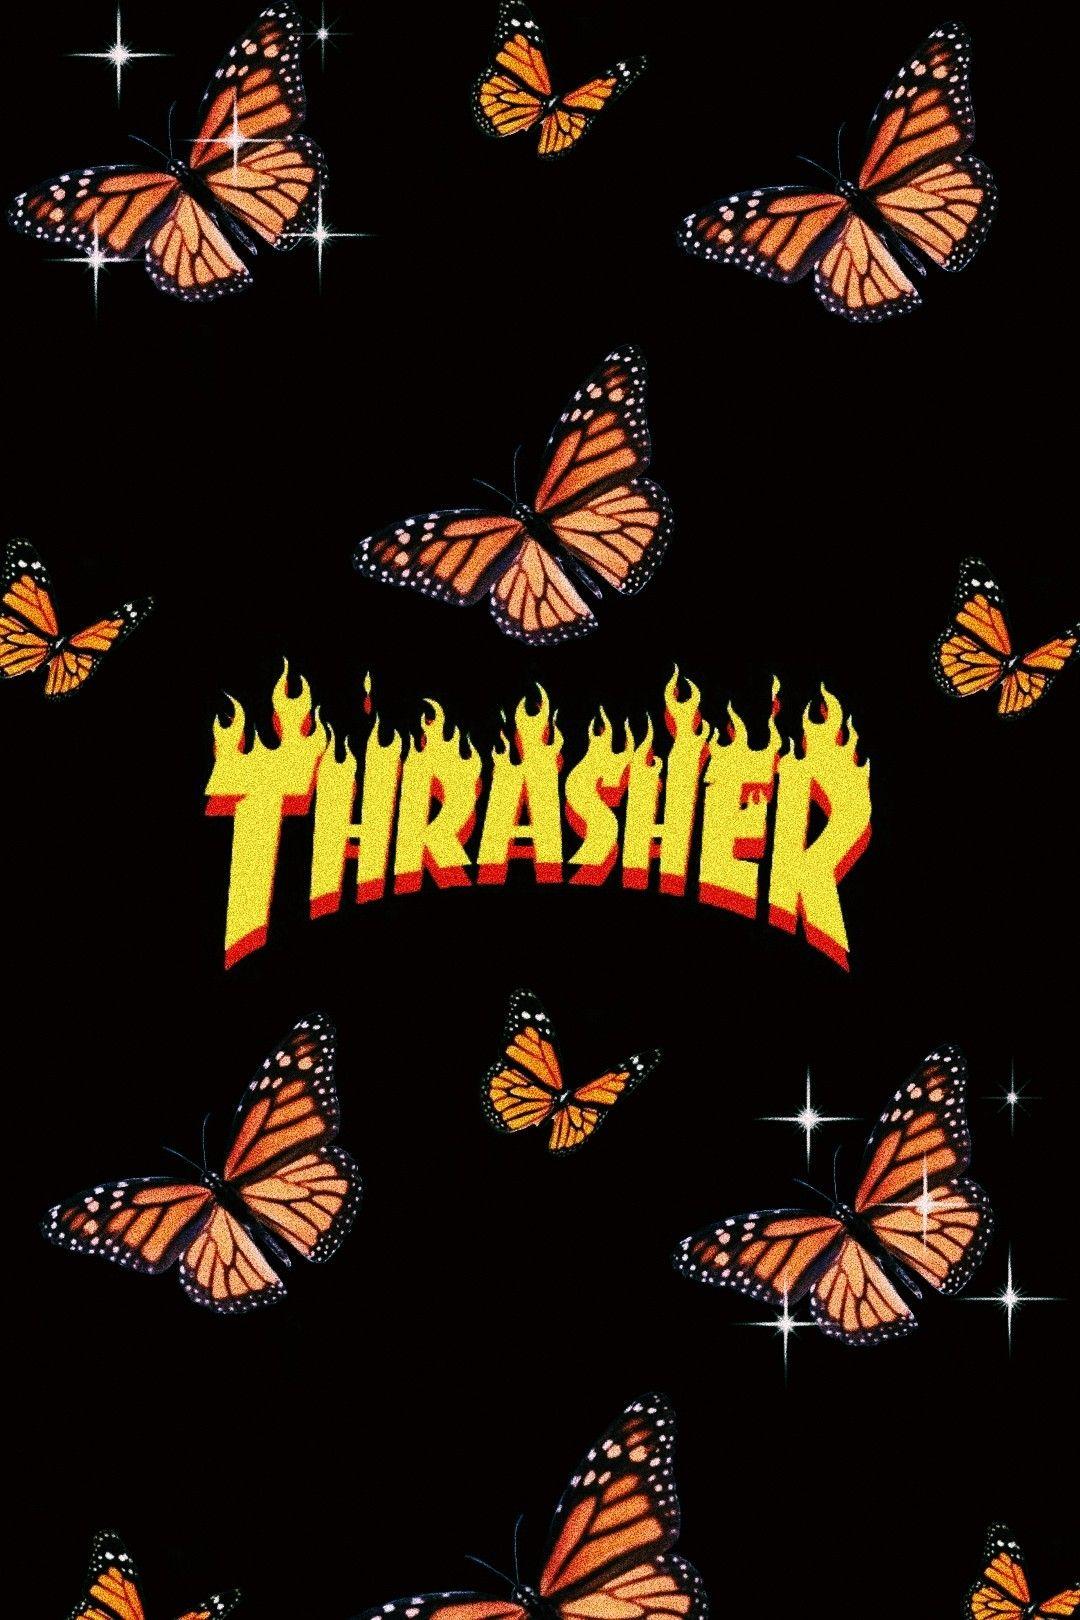 Aesthetic Thrasher Orange Butterfly Wallpaper Butterfly Wallpaper Iphone Butterfly Wallpaper Iphone Wallpaper Tumblr Aesthetic